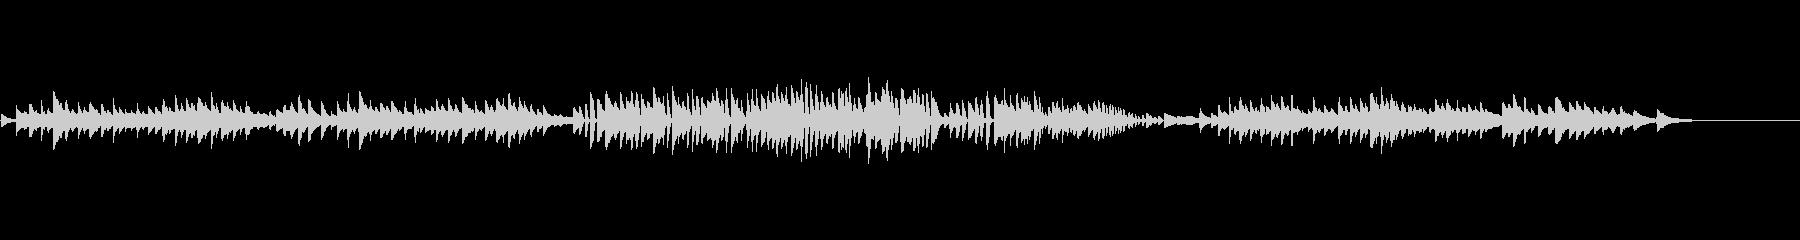 大人のクラシックピアノ「朝の鐘」の未再生の波形